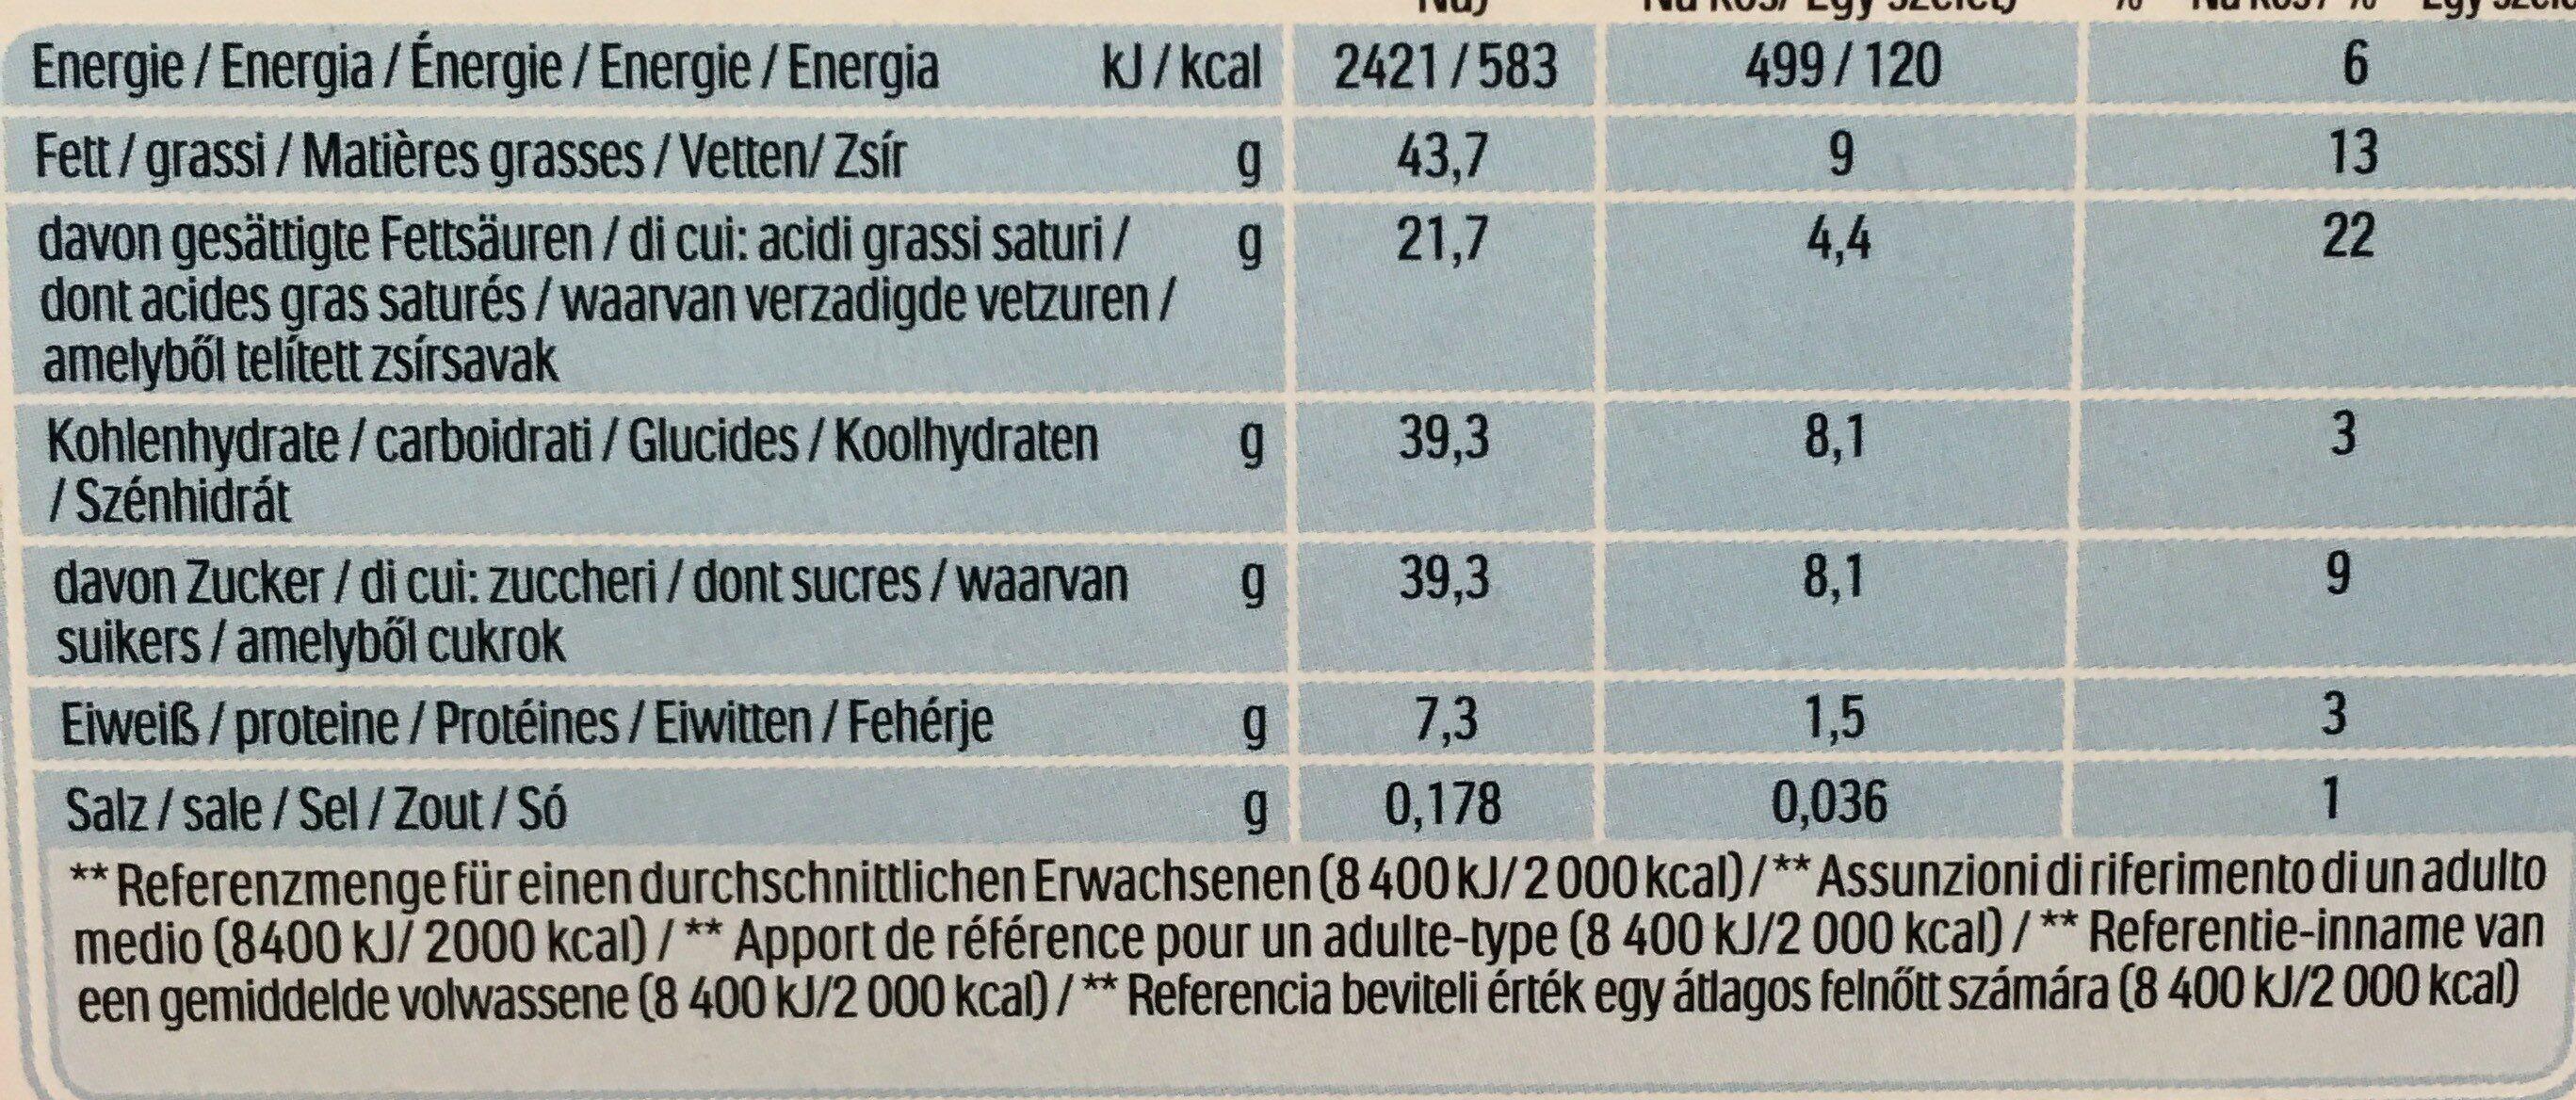 Kinder chocofresh gouter frais chocolat superieur au lait fourre lait et noisette t5 pack de 5 etuis - Valori nutrizionali - fr